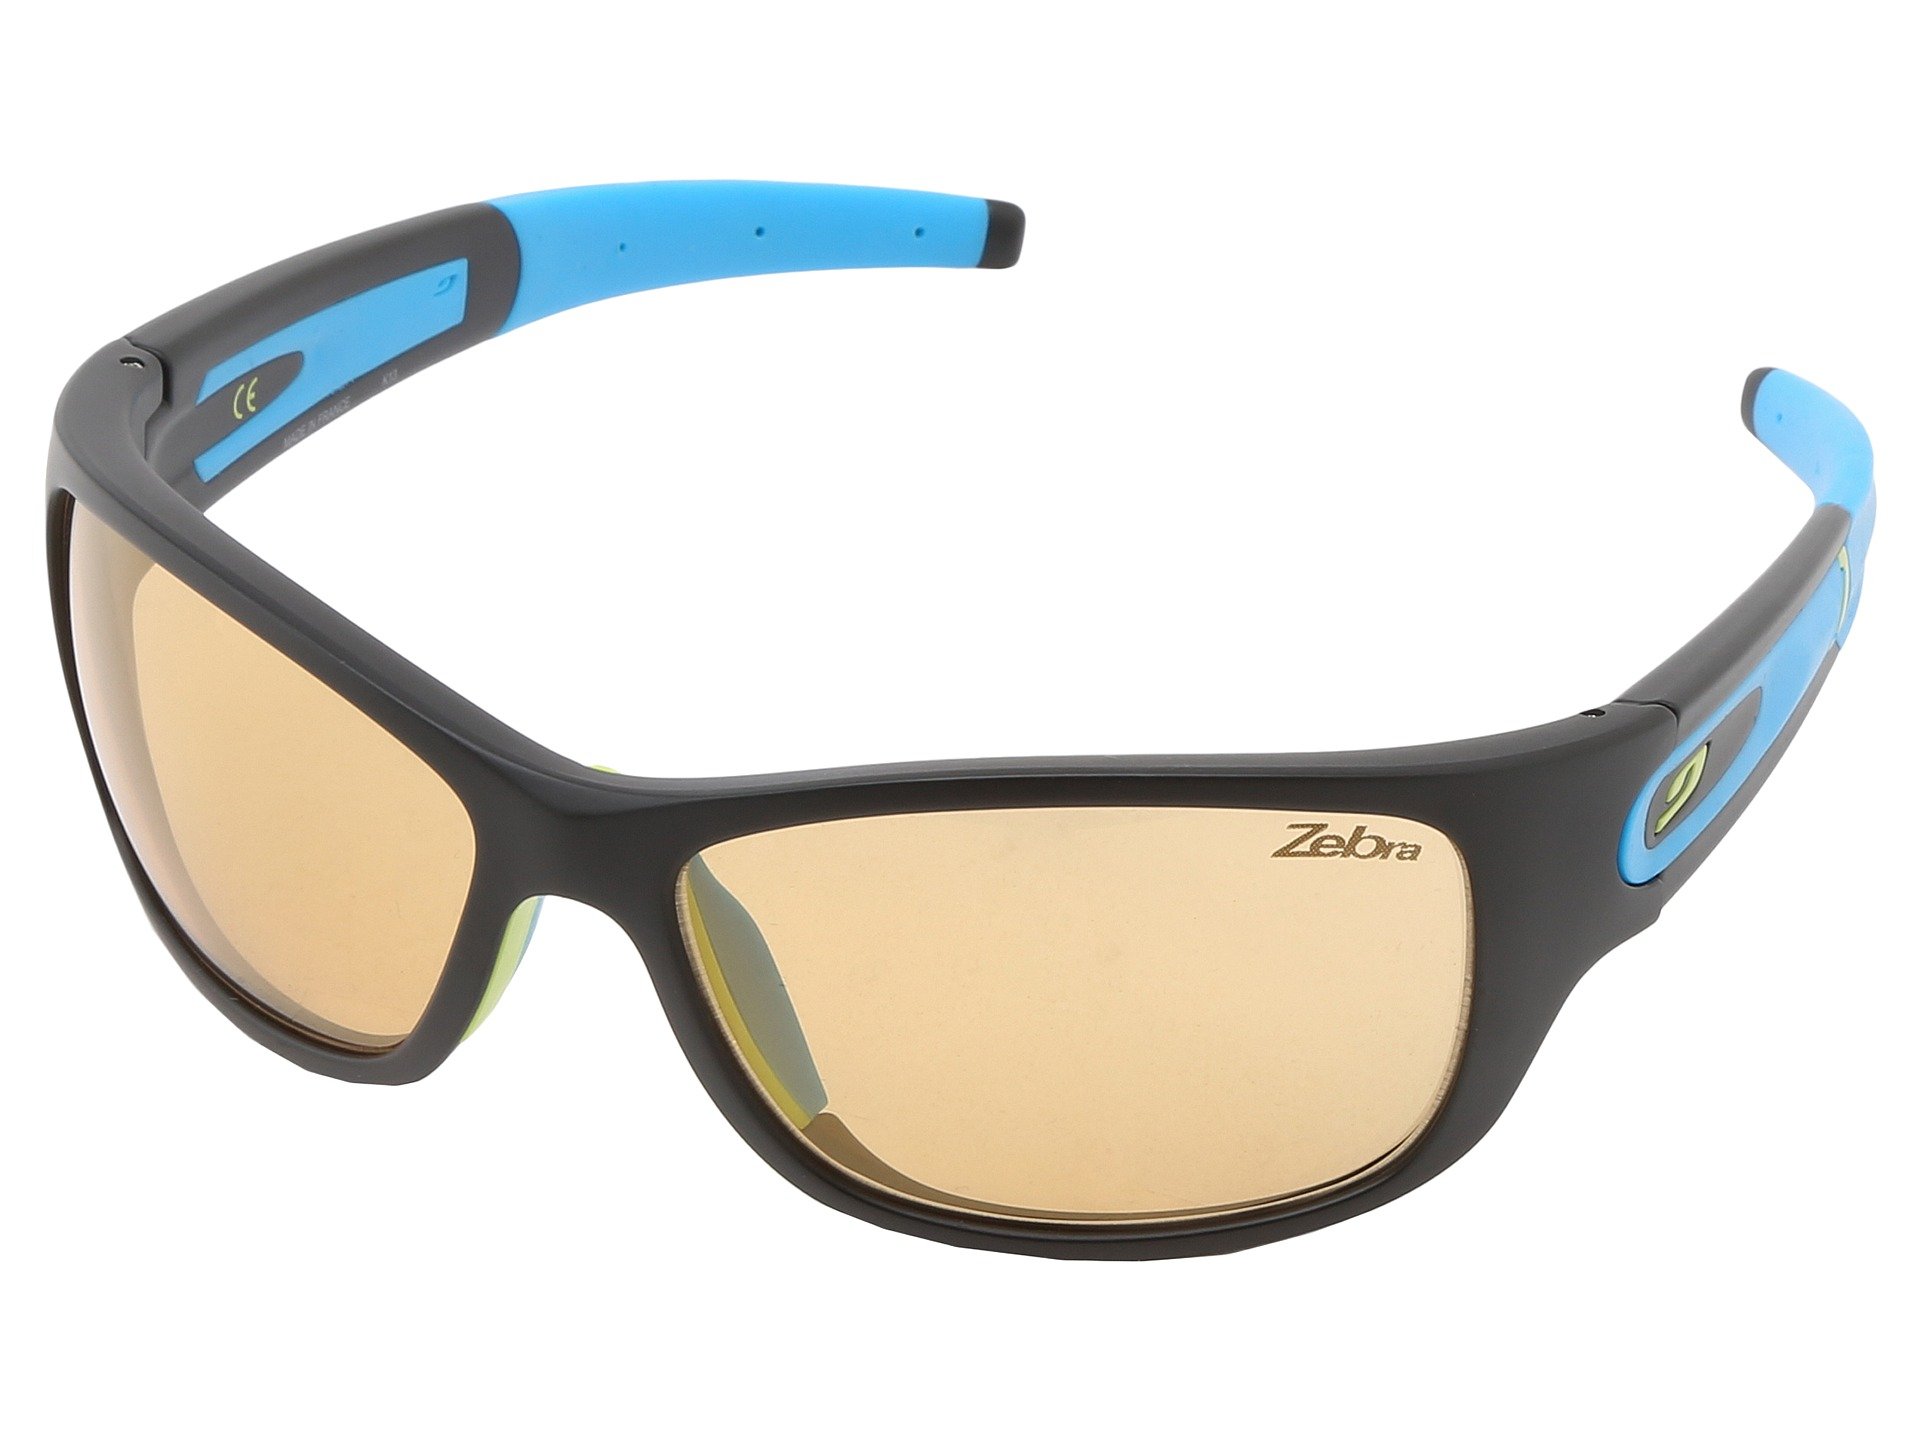 9a83eb8786 Julbo Chrome Zebra Sunglasses